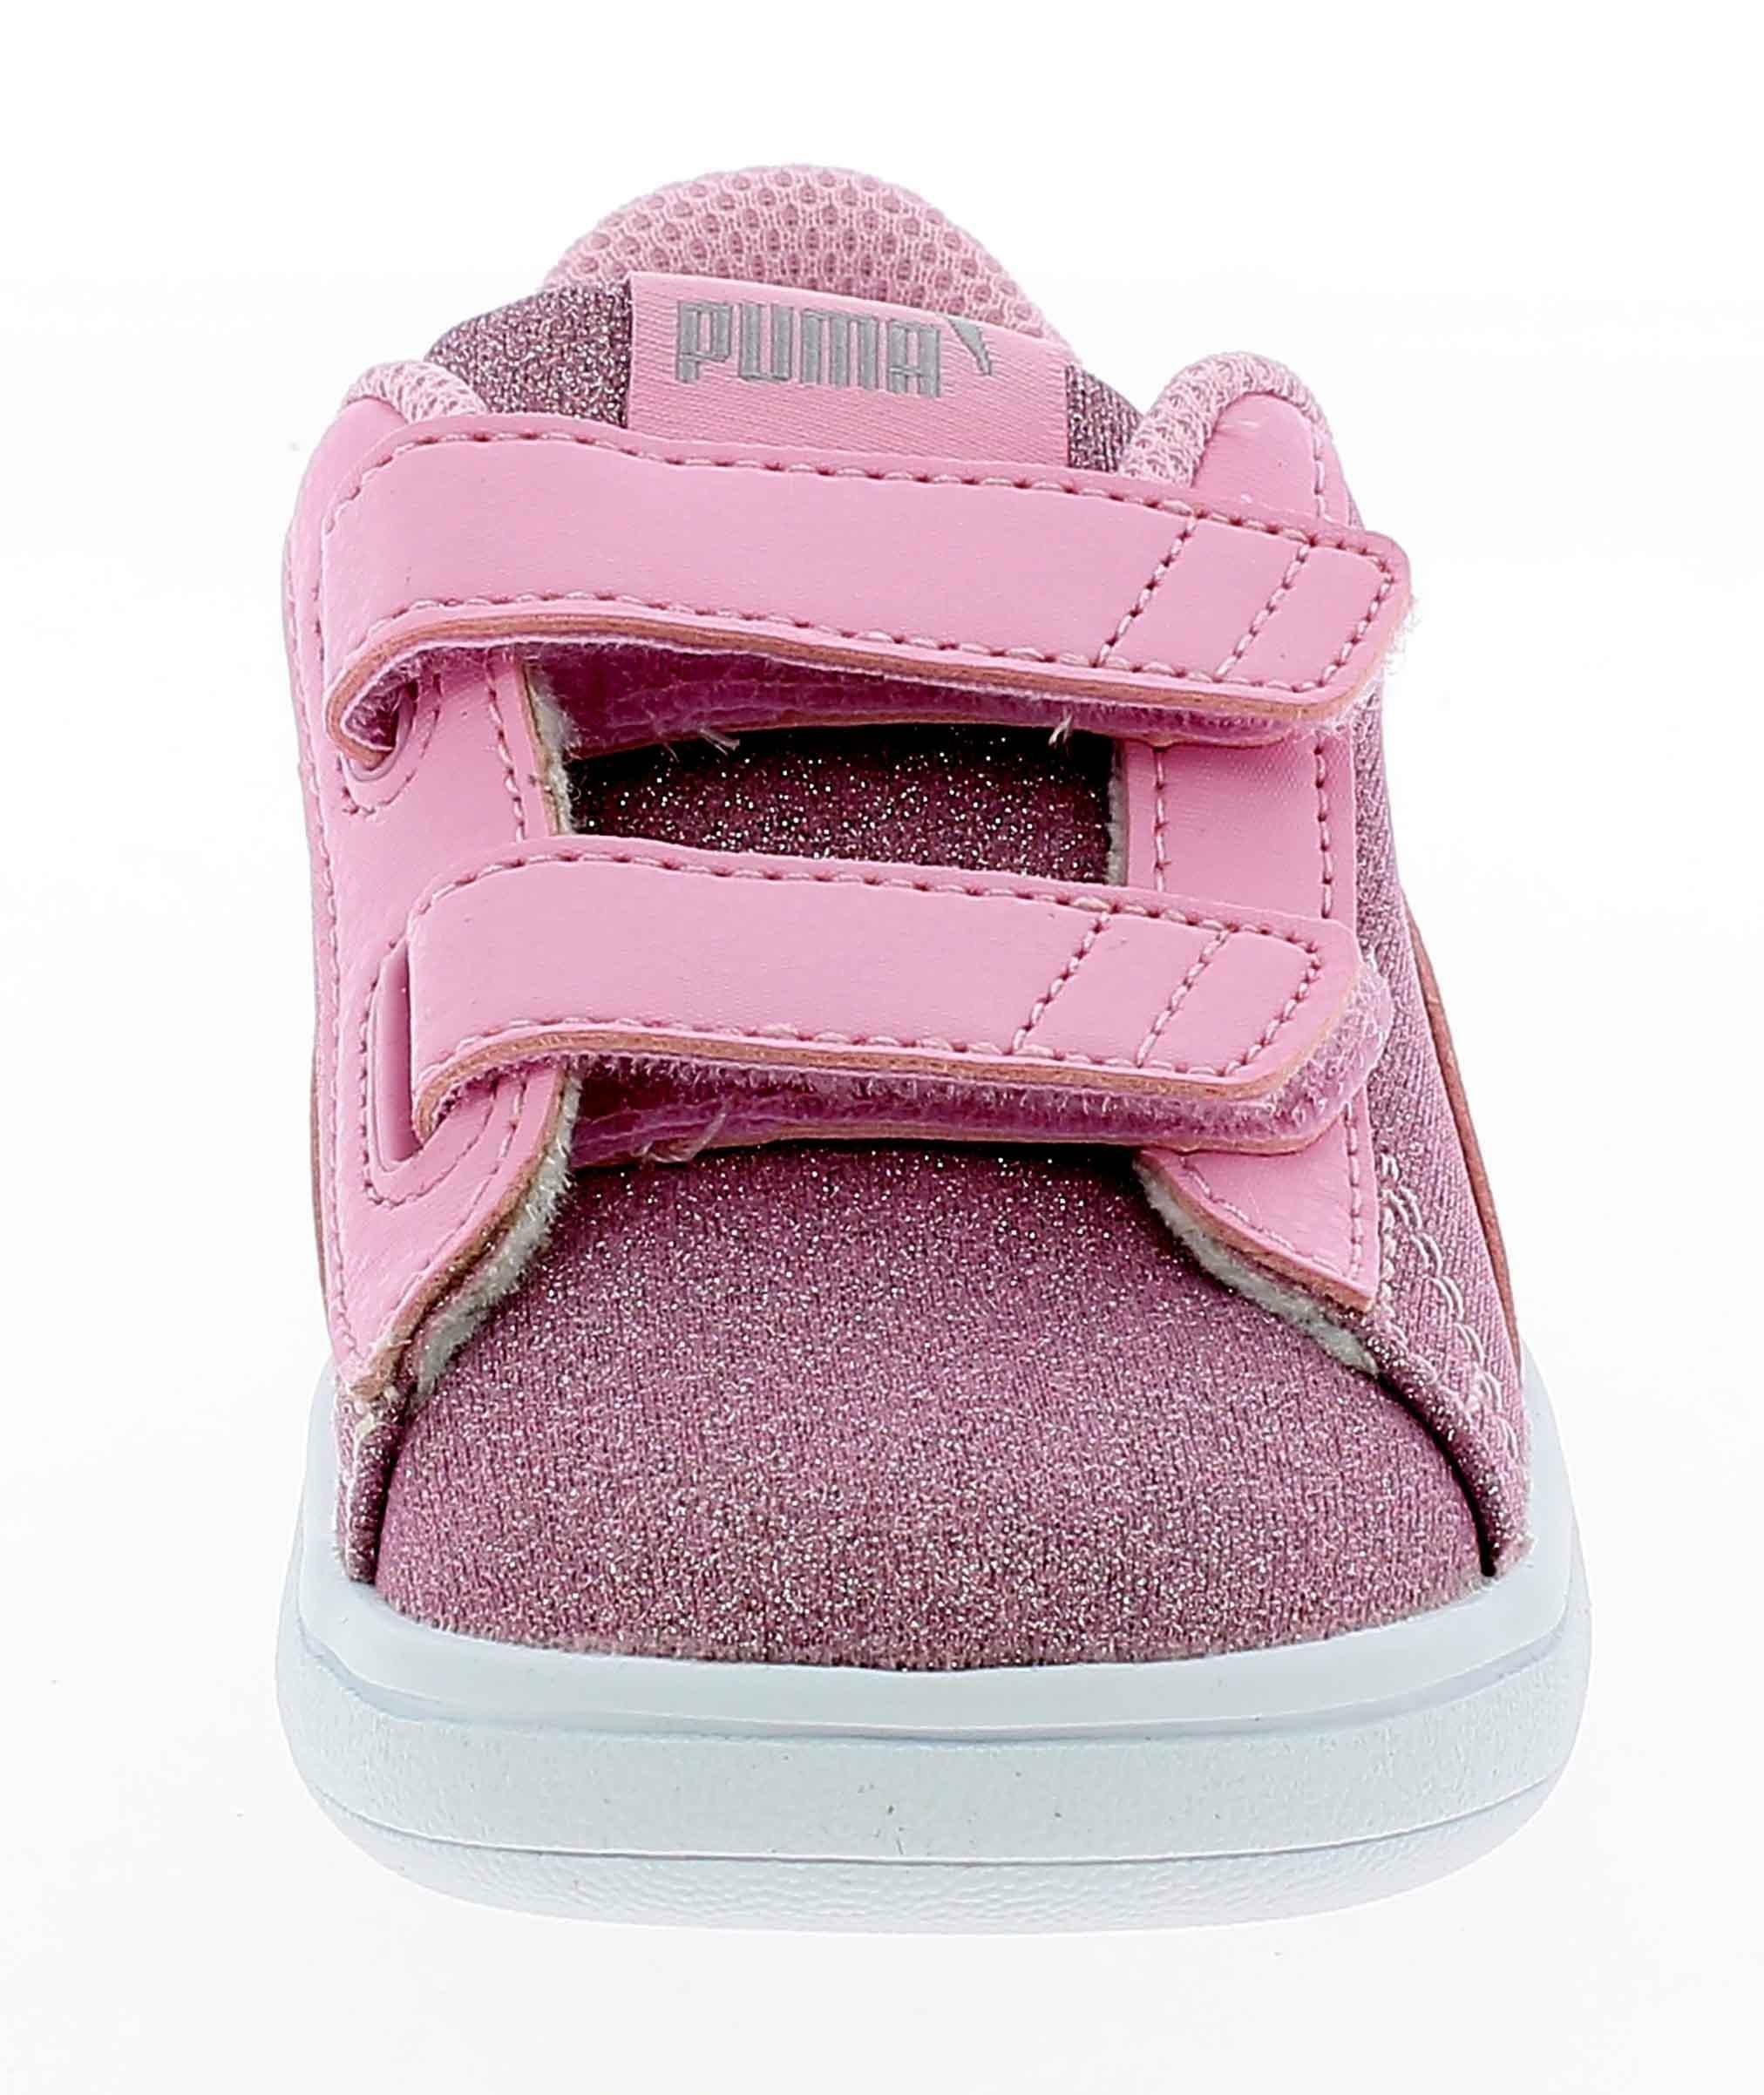 puma smash v2 scarpe sportive strappi bambina rosa glitterata 36738012